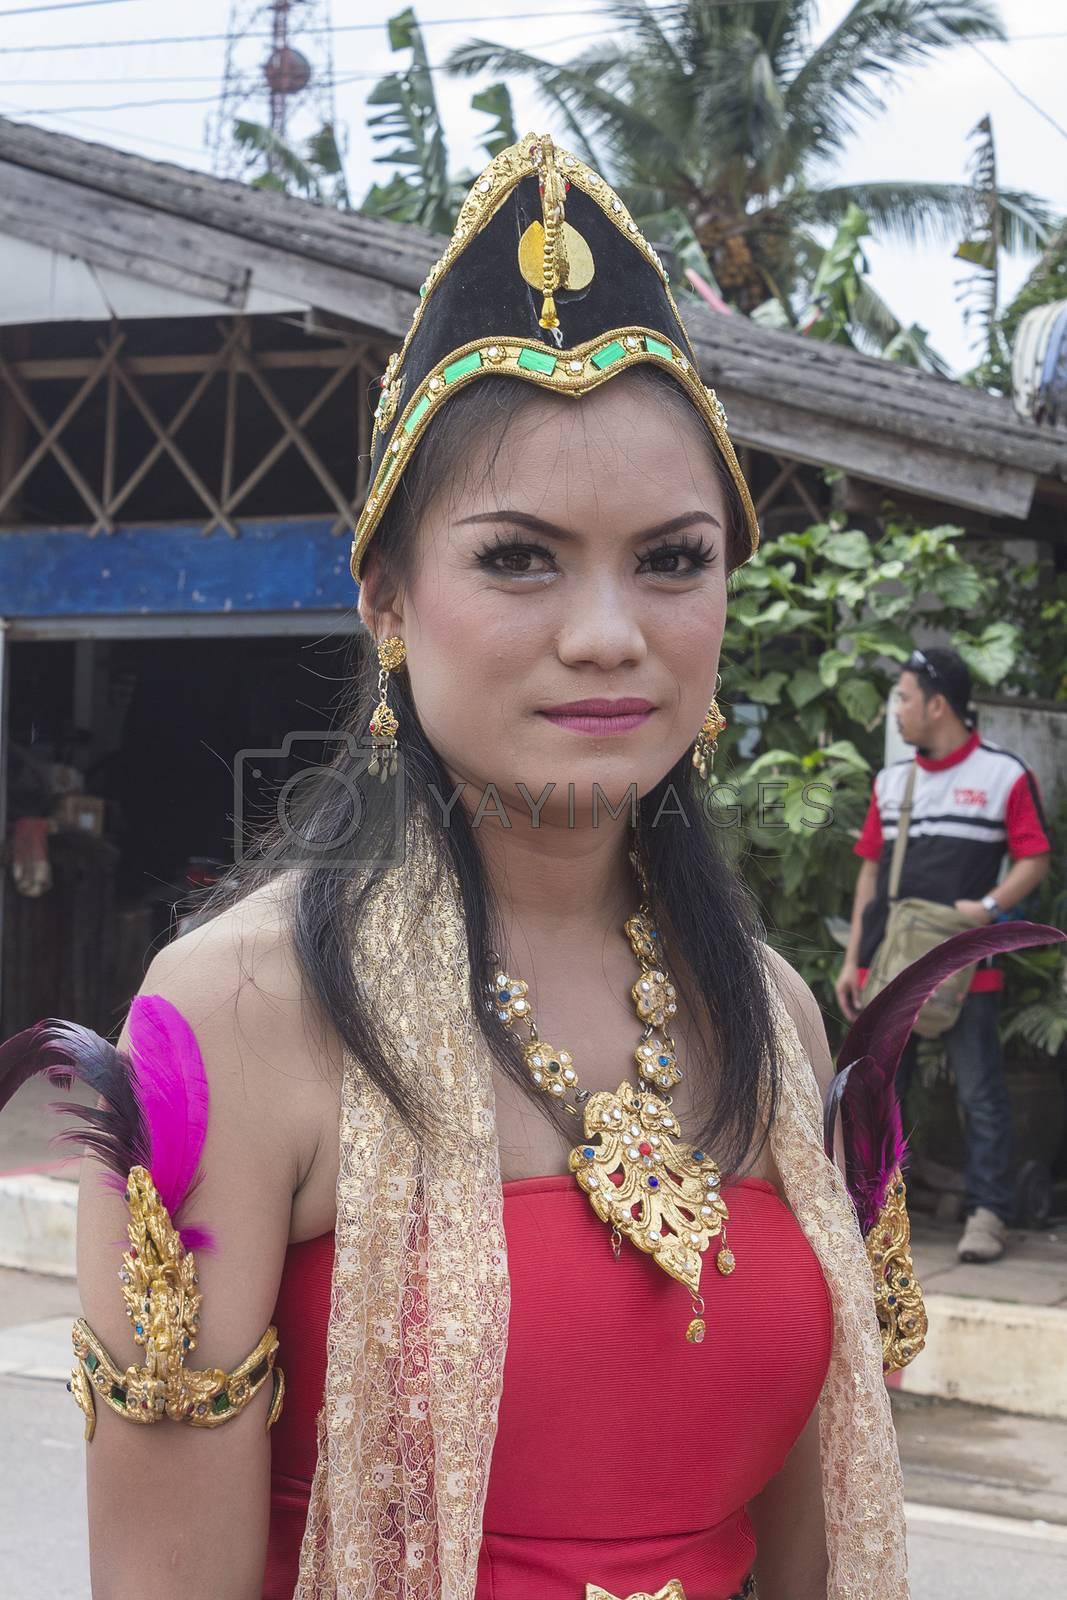 Ngan Chak Pra by olovedog